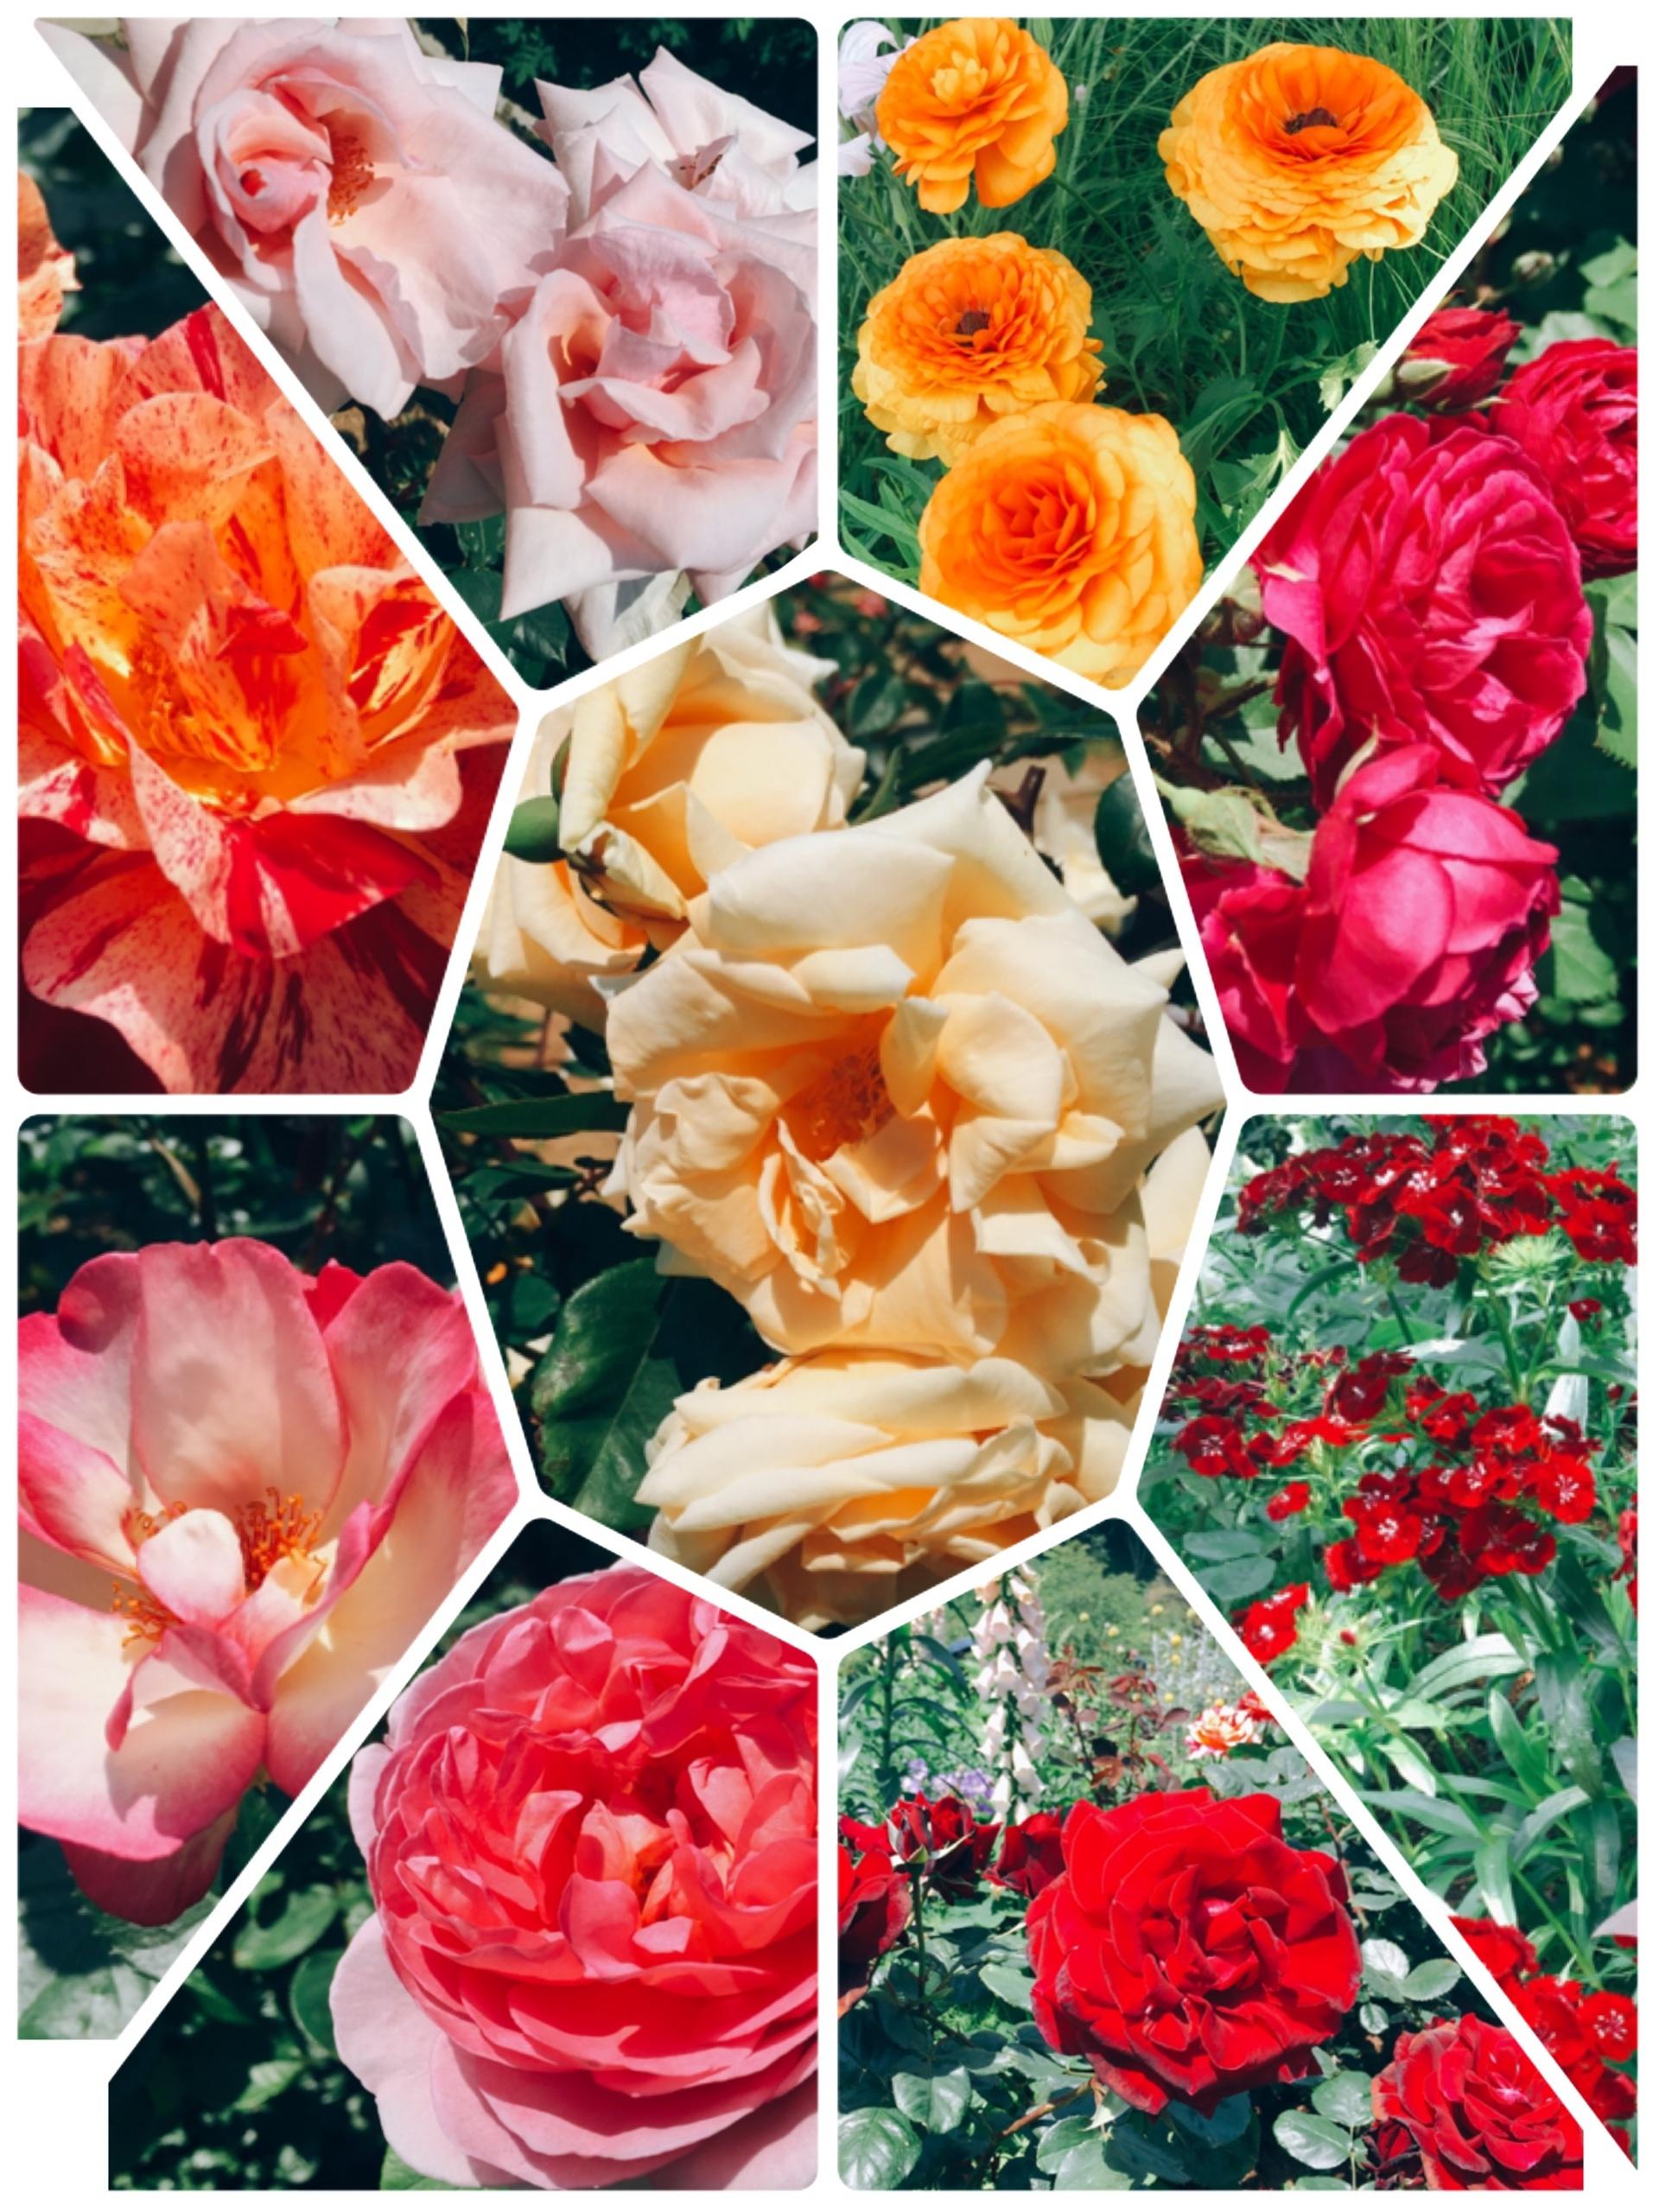 【お出掛けスポットin熱海】今が見頃のローズガーデン!薔薇のトンネルにうっとり…♡_9